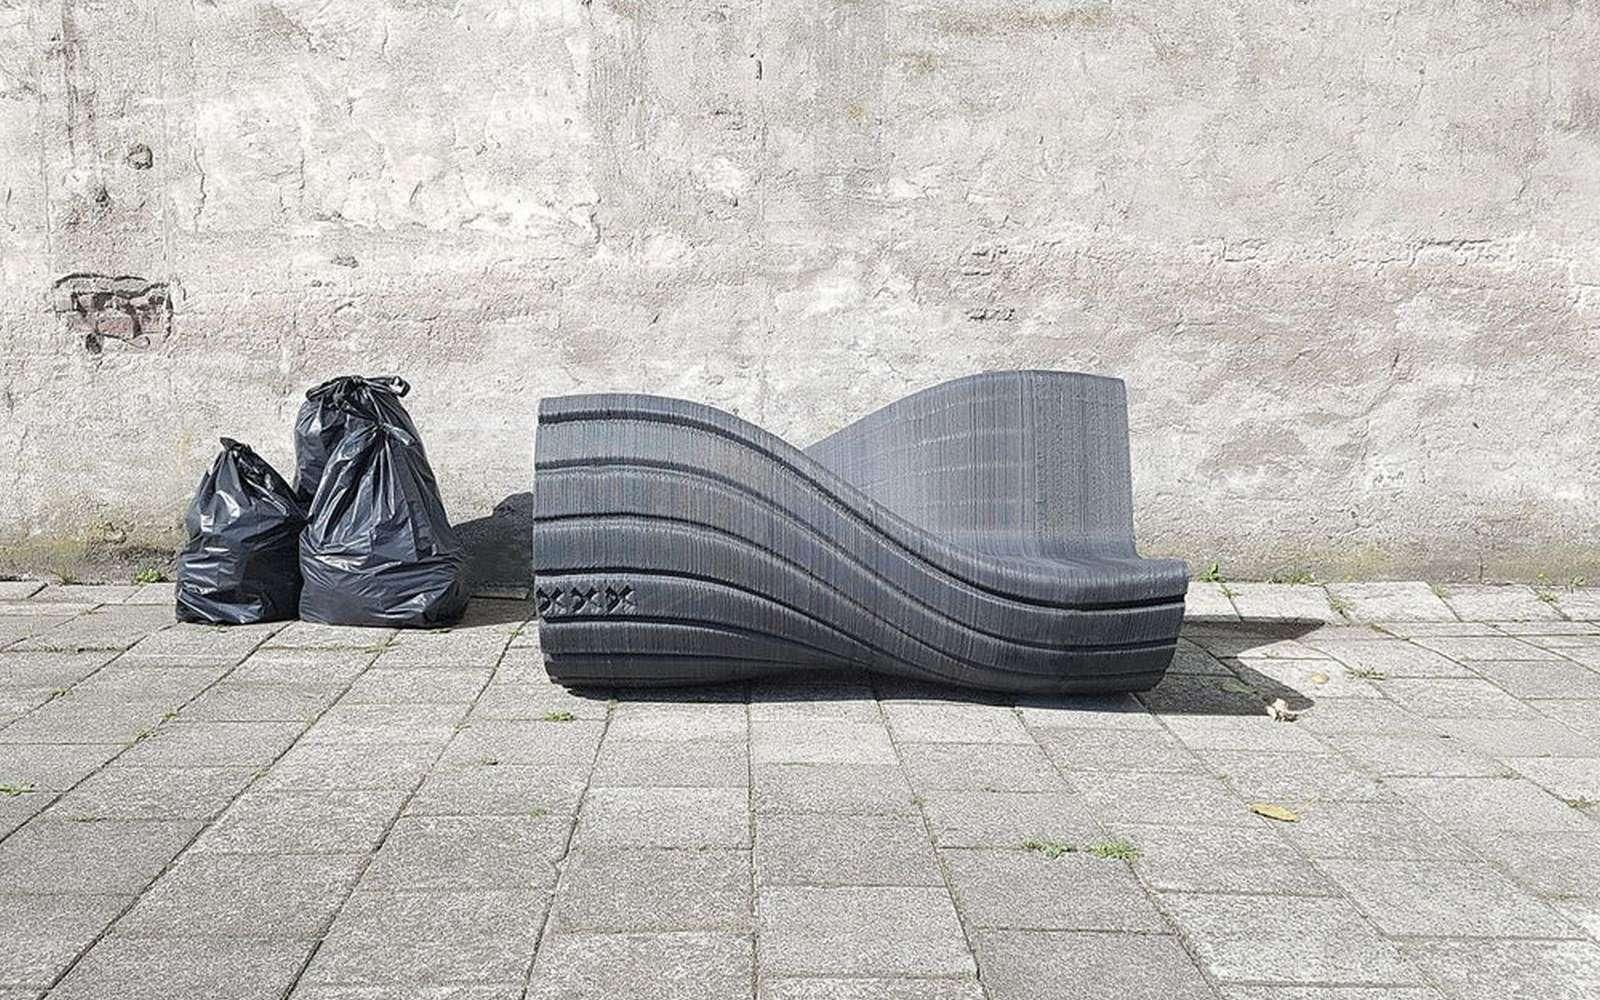 Des déchets plastique recyclés en mobilier urbain, c'est possible ? Ici, le banc « XXX » conçu par le cabinet The New Raw. Il a été fabriqué par impression 3D à partir de granulés de plastique recyclé équivalent à la production annuelle de deux personnes vivant à Amsterdam. © The New Raw